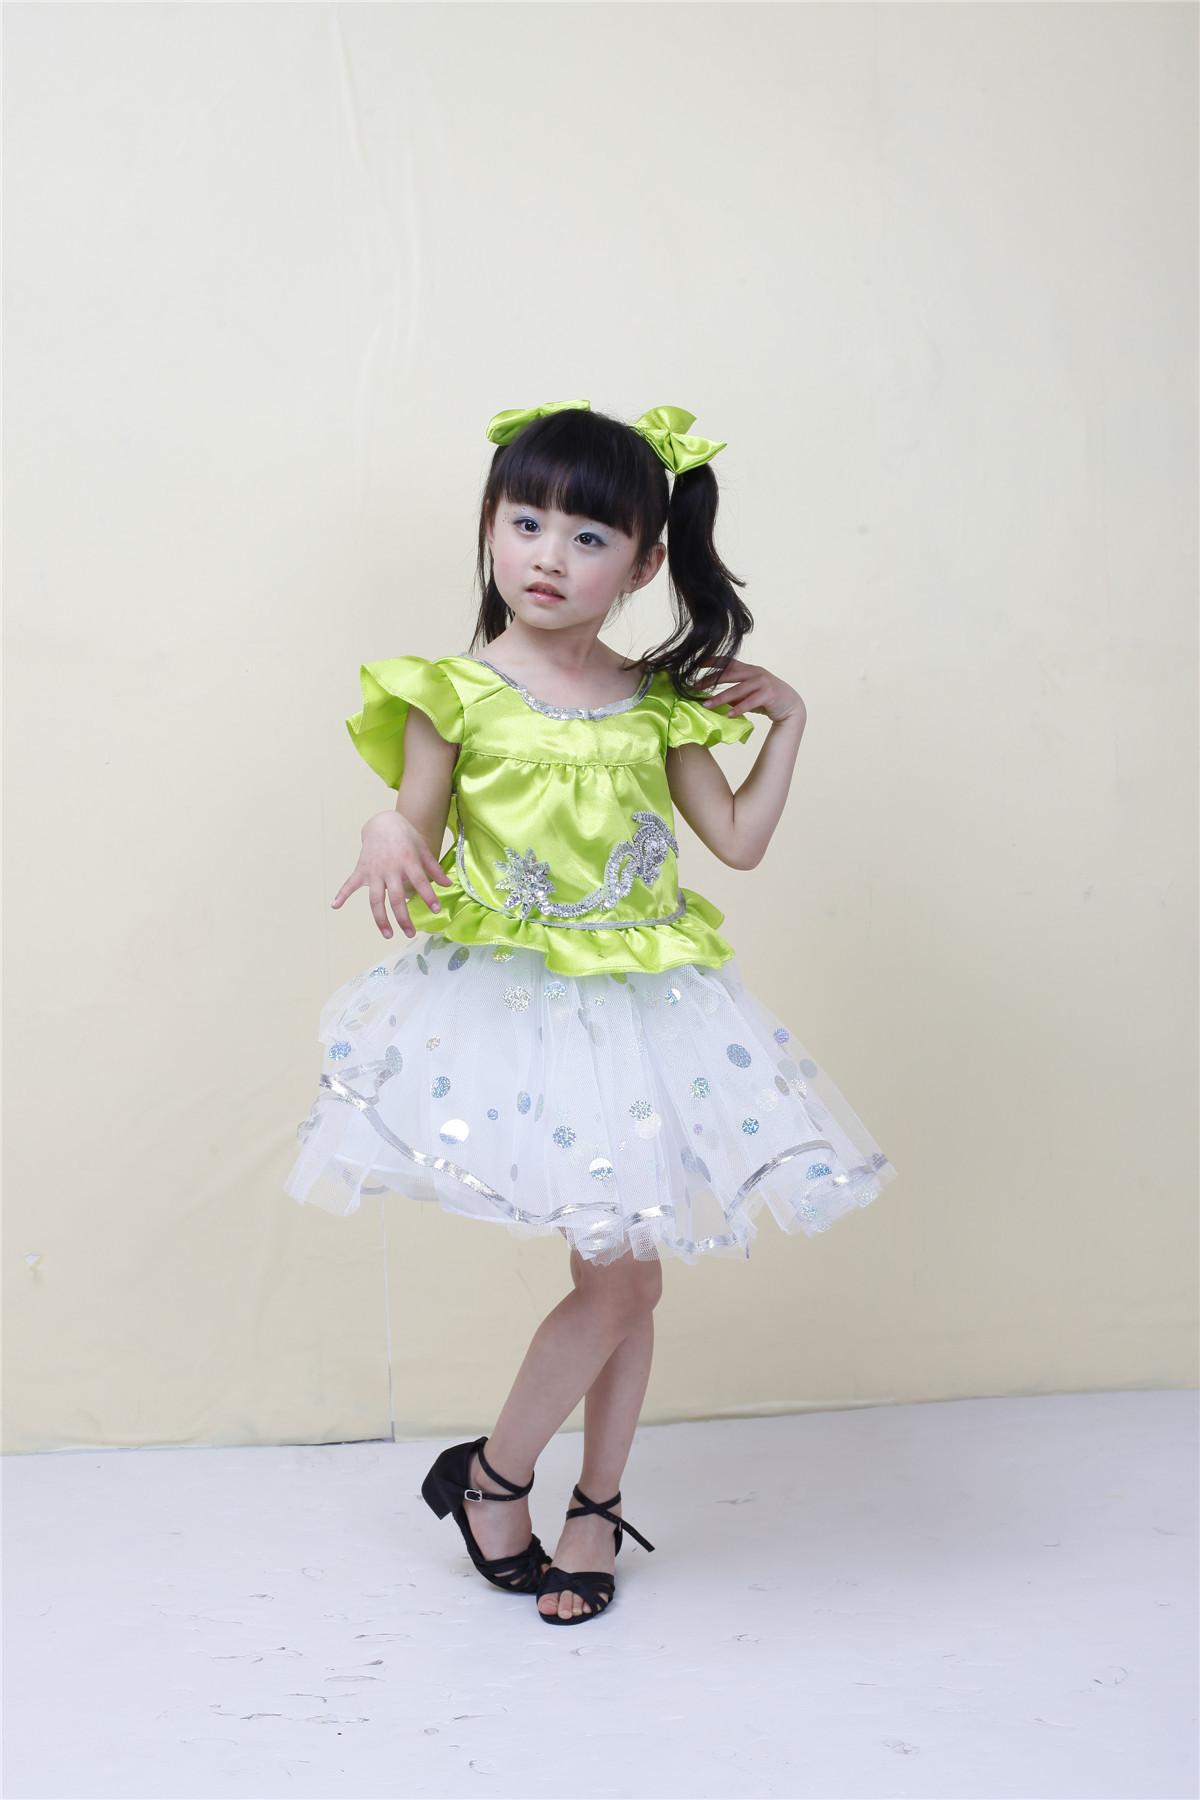 儿童舞蹈服 儿童舞蹈服批发可爱女孩跳舞裙子女童舞蹈纱裙幼儿园六一